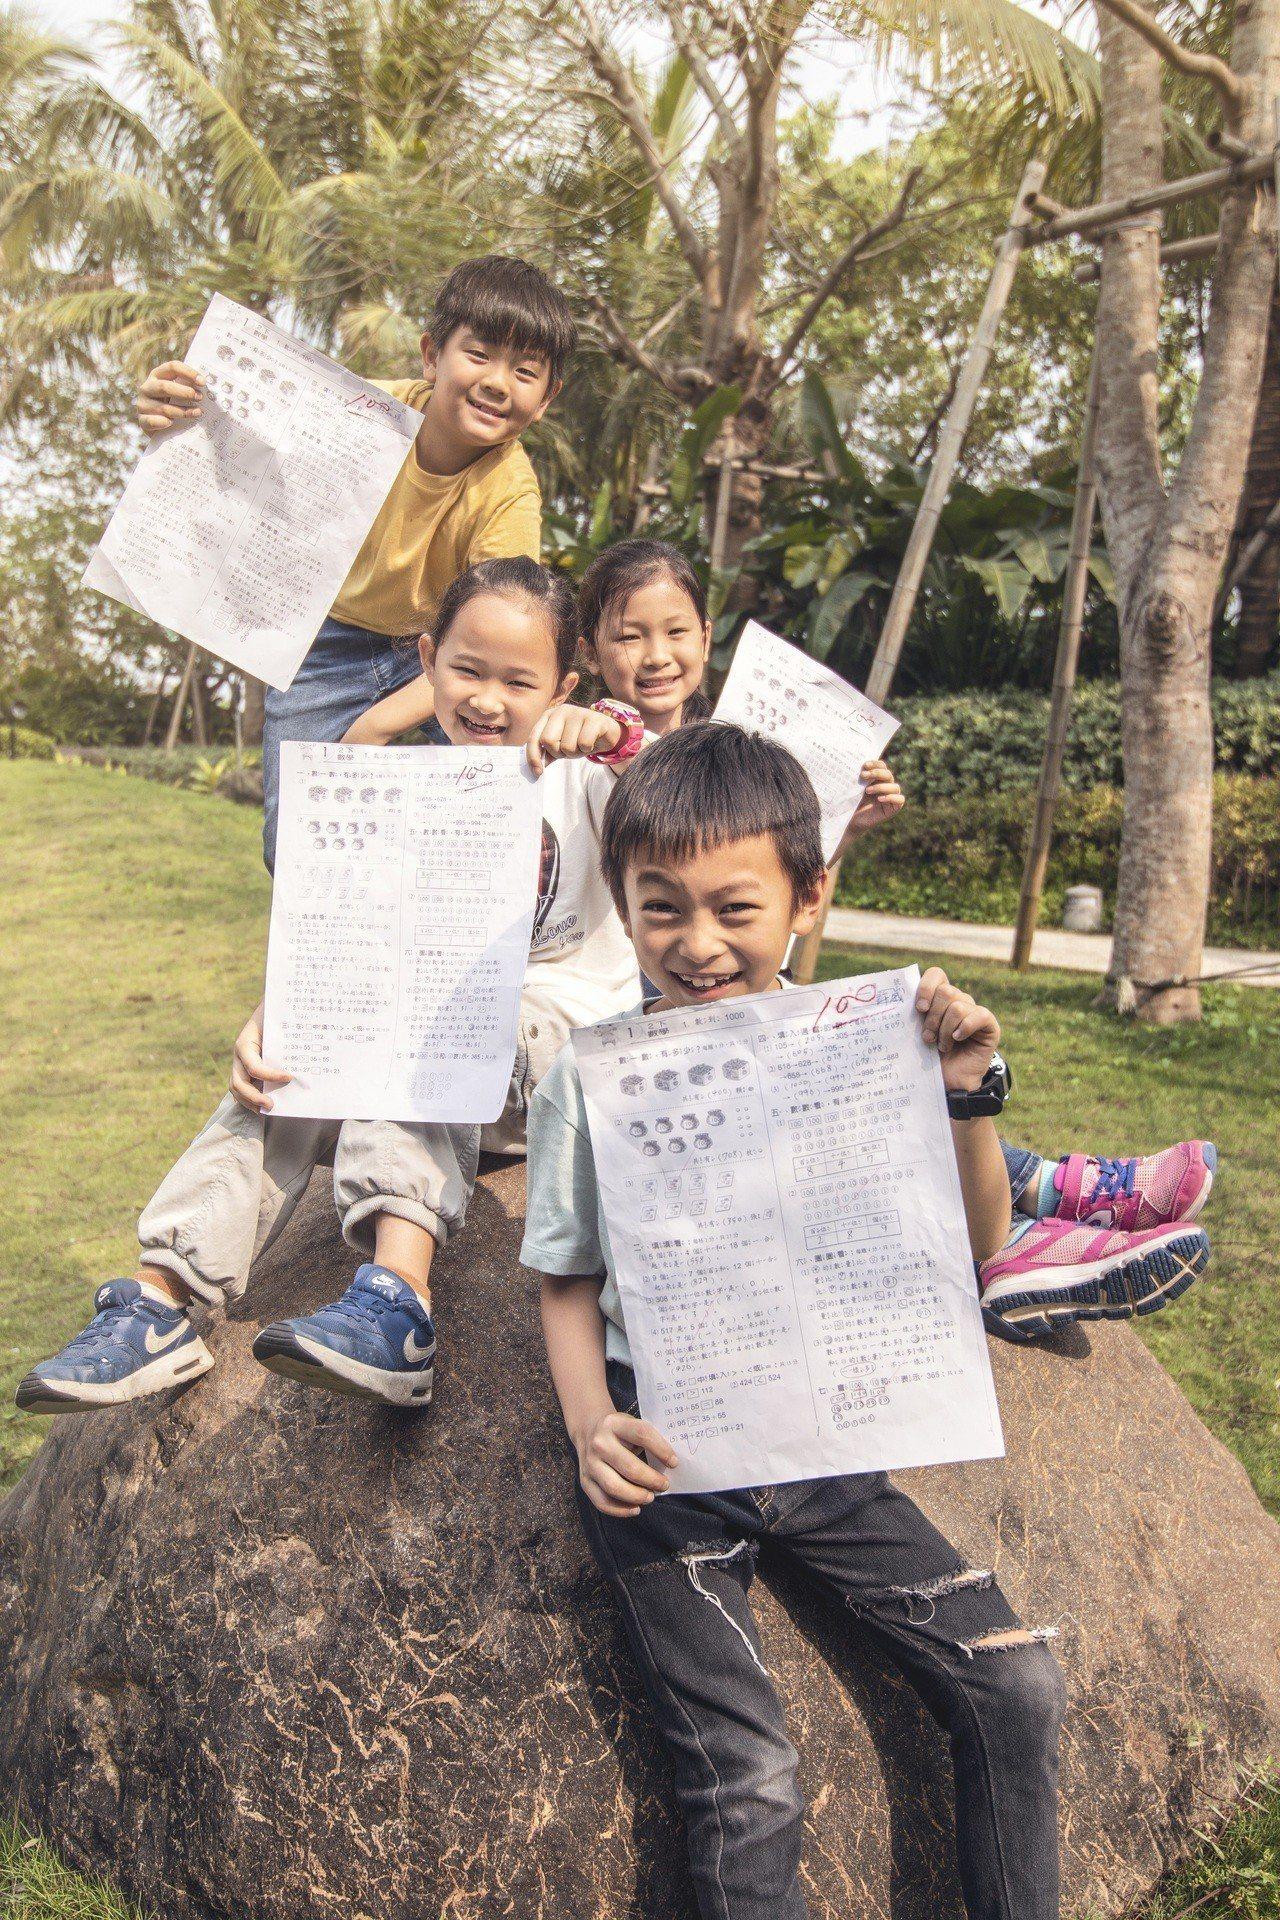 台南大皇冠假日酒店推兒童節優惠活動。 圖/台南大皇冠假日酒店